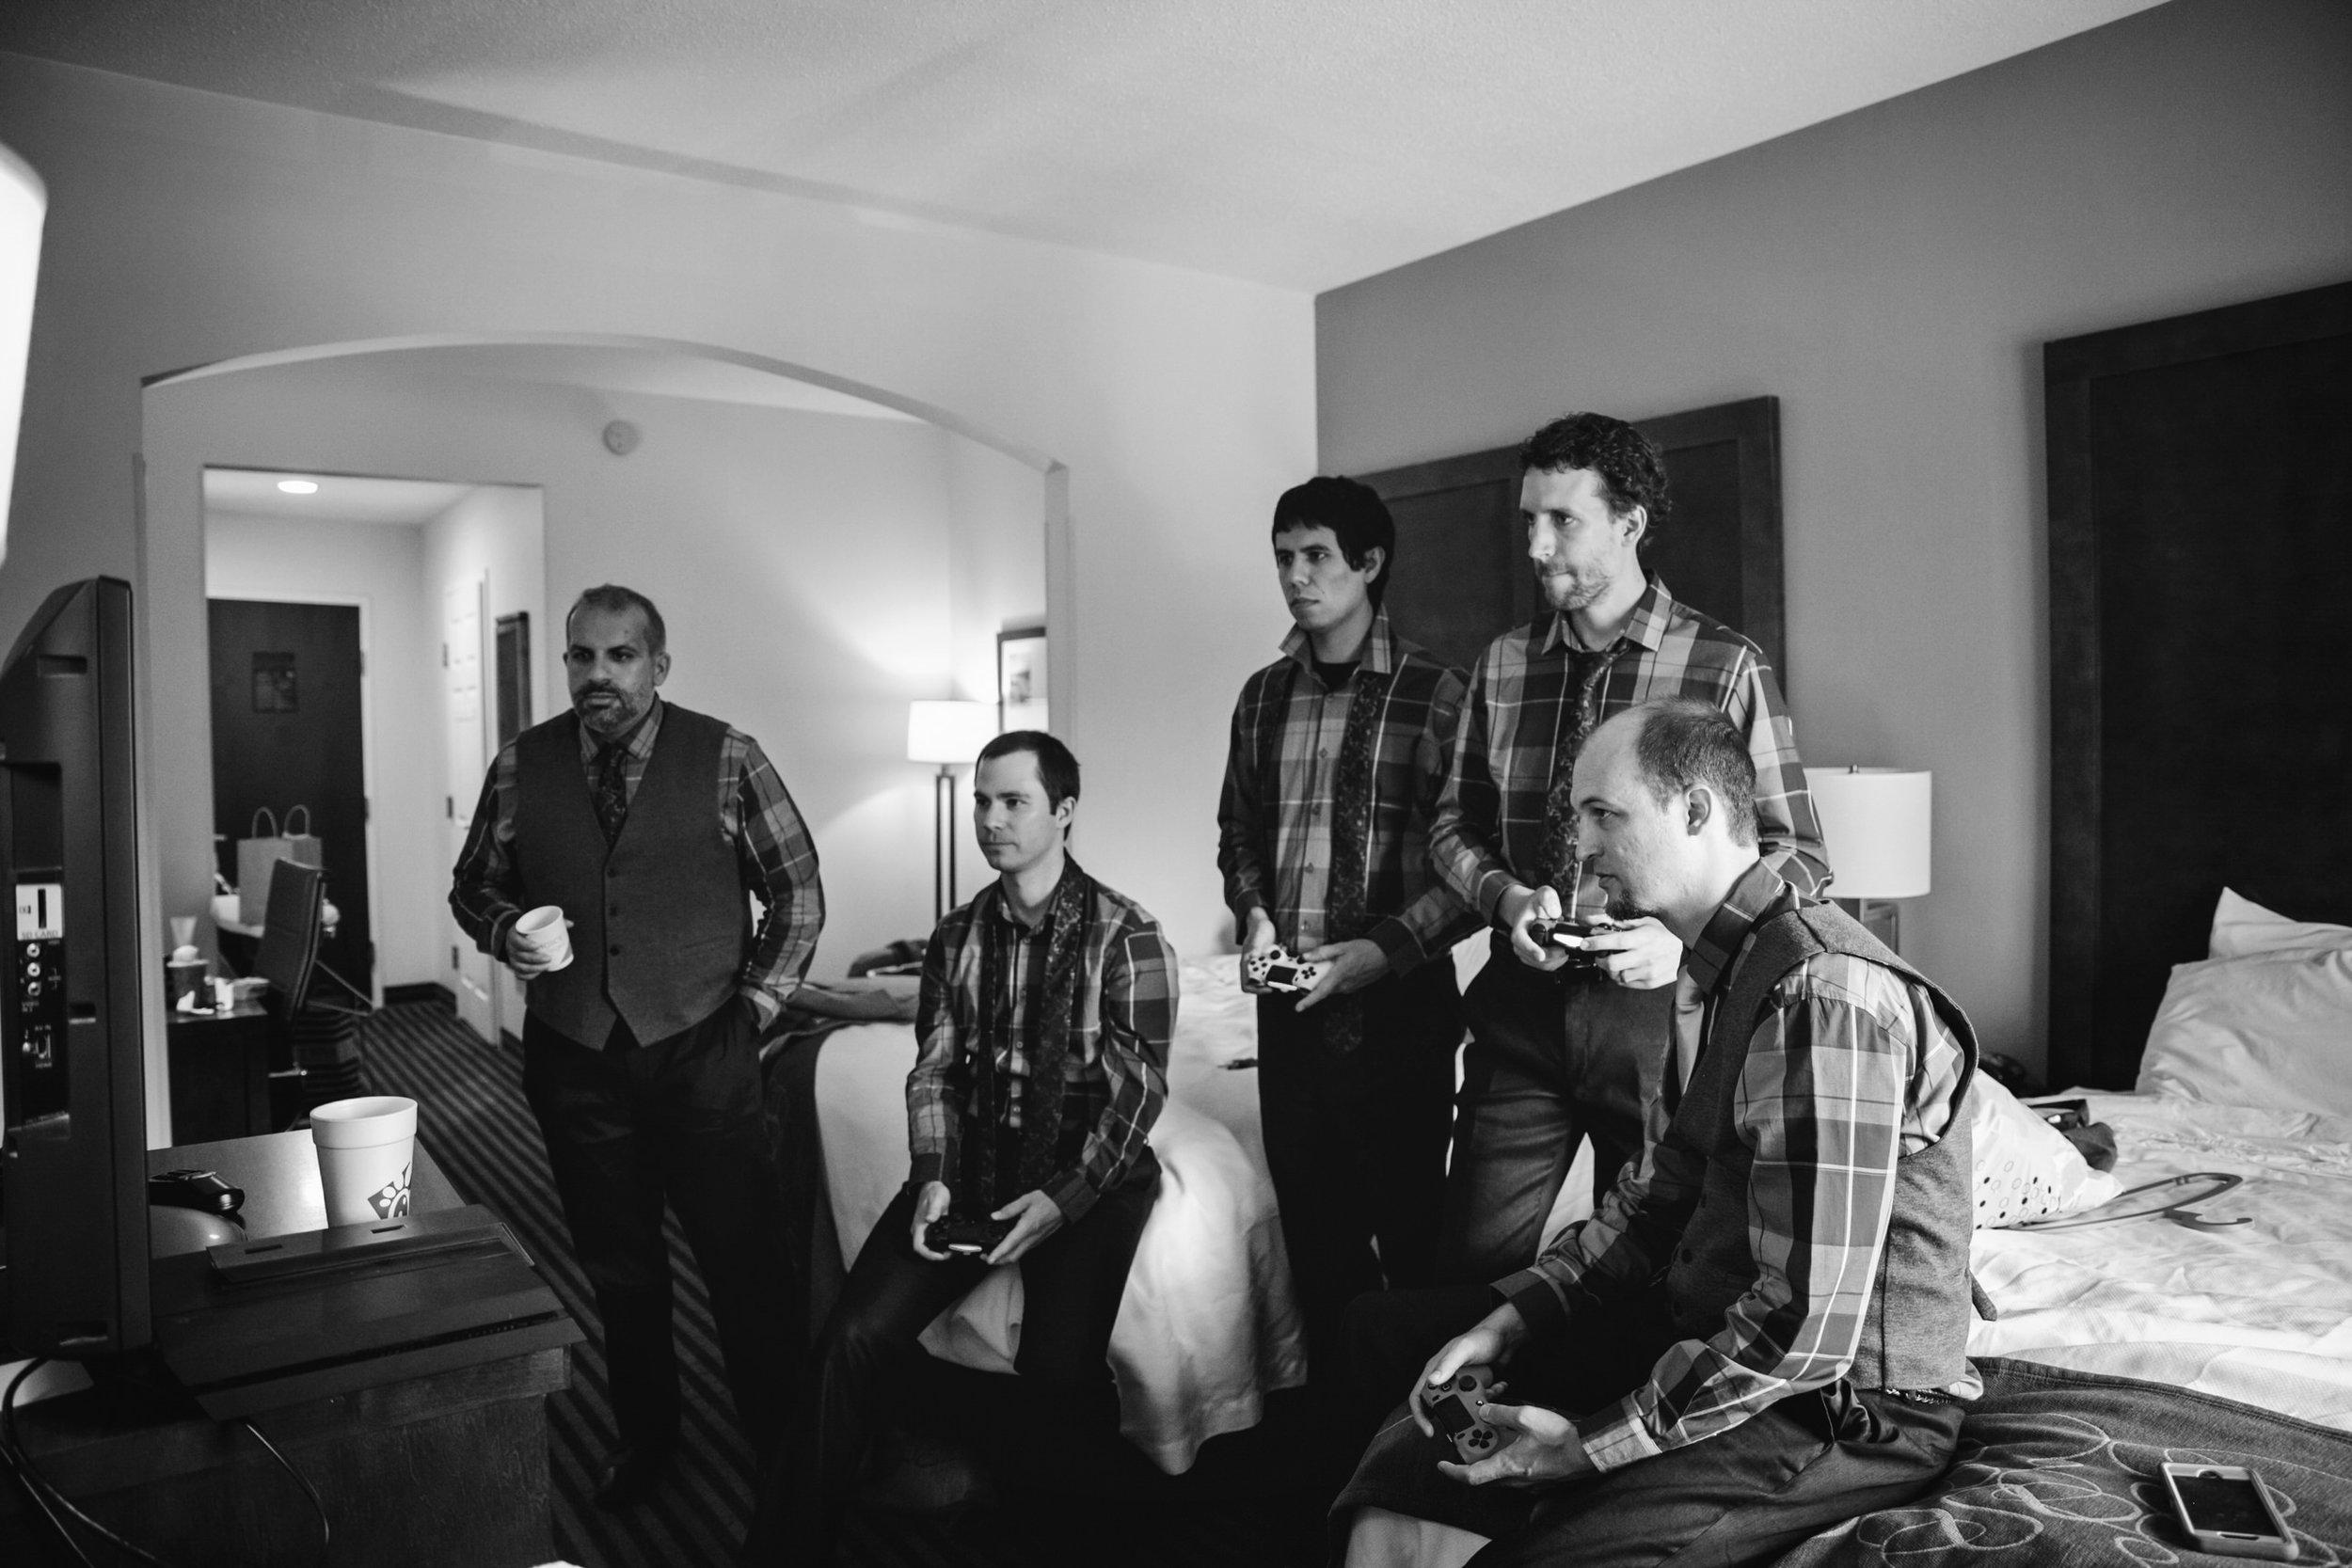 EastLynnFarmWedding-Steph&Aaron-GettingReady-23.jpg